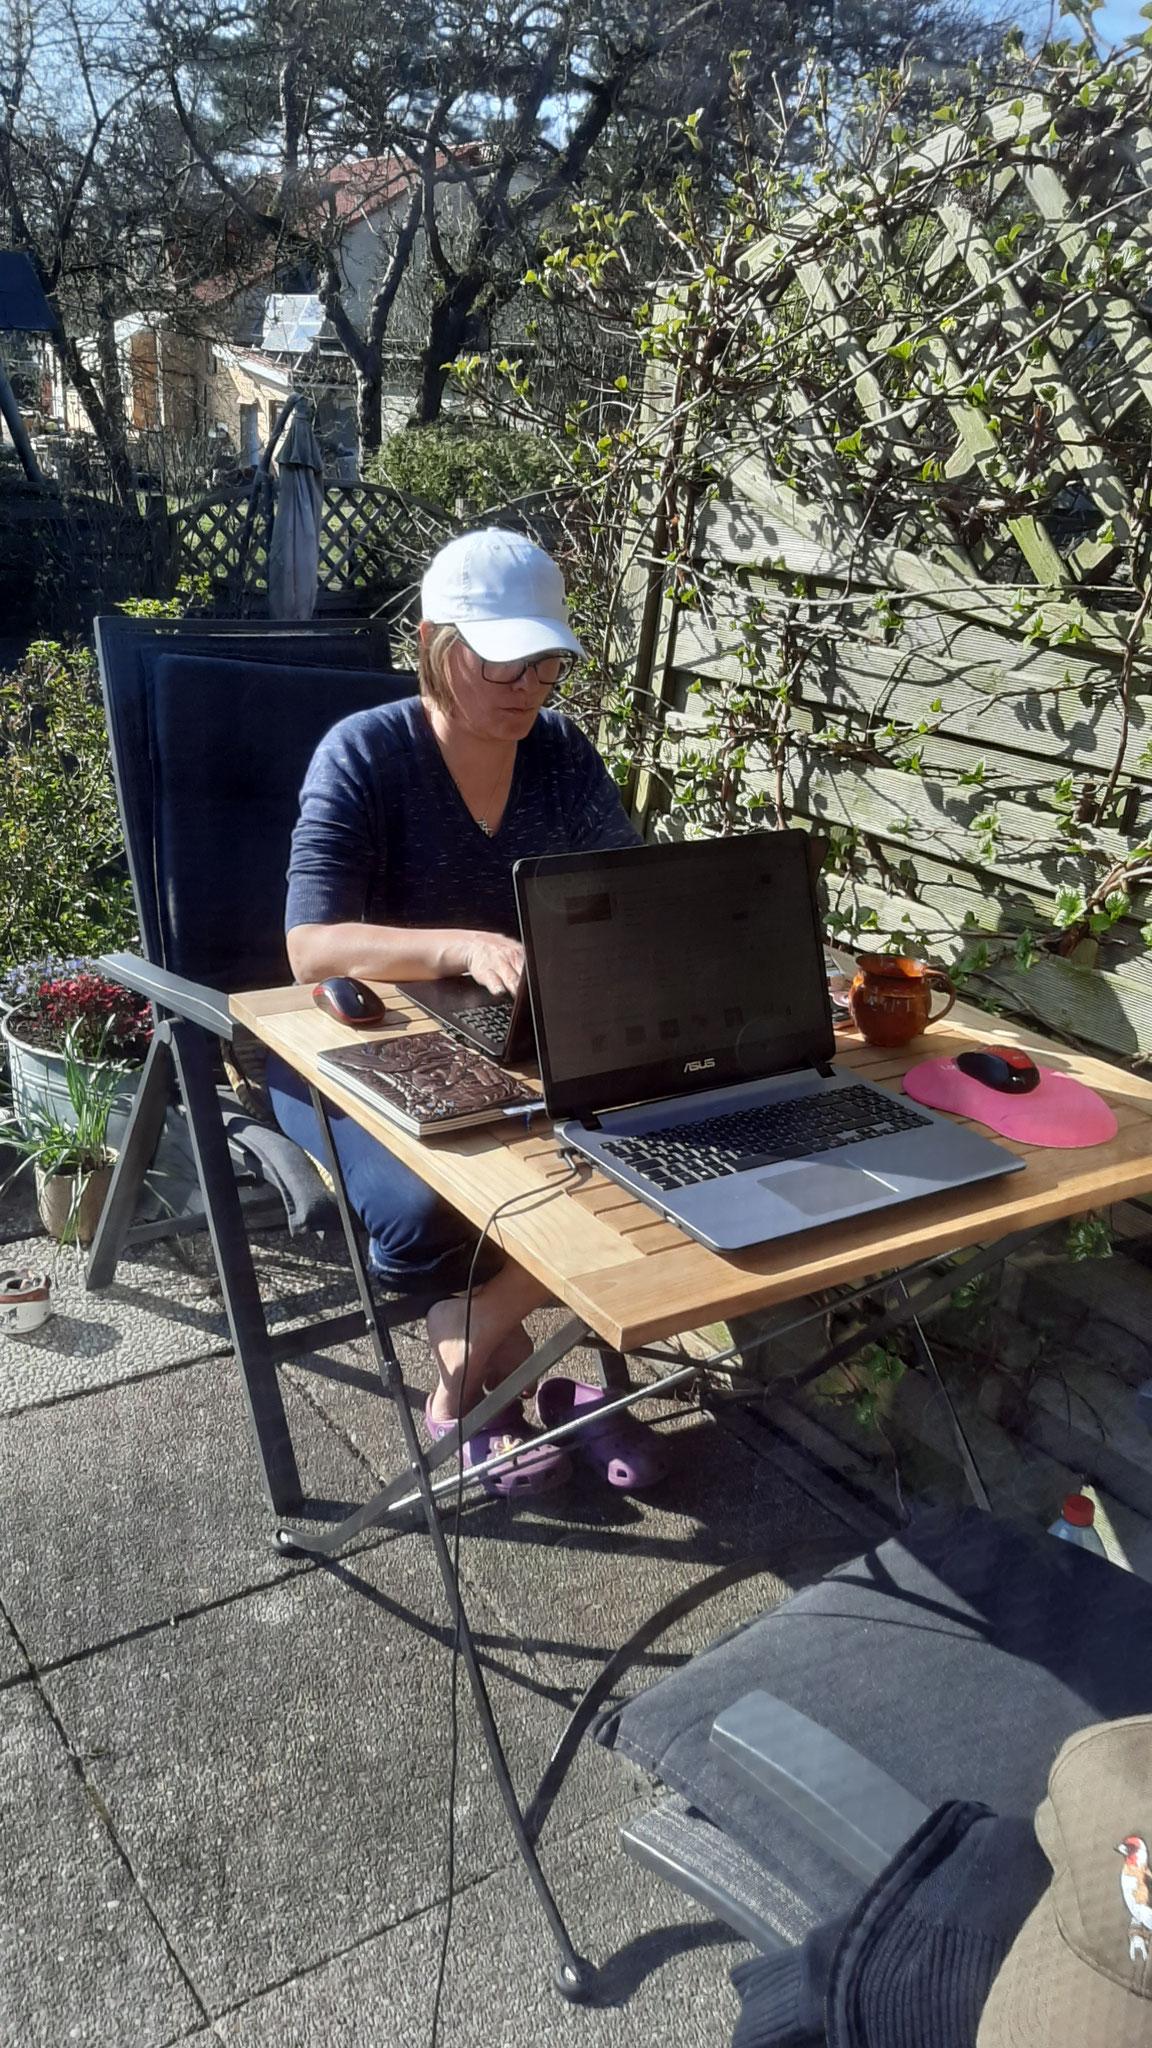 Autorenleben - schweres Leben. Man muss sich vor der Sonne schützen. :-)